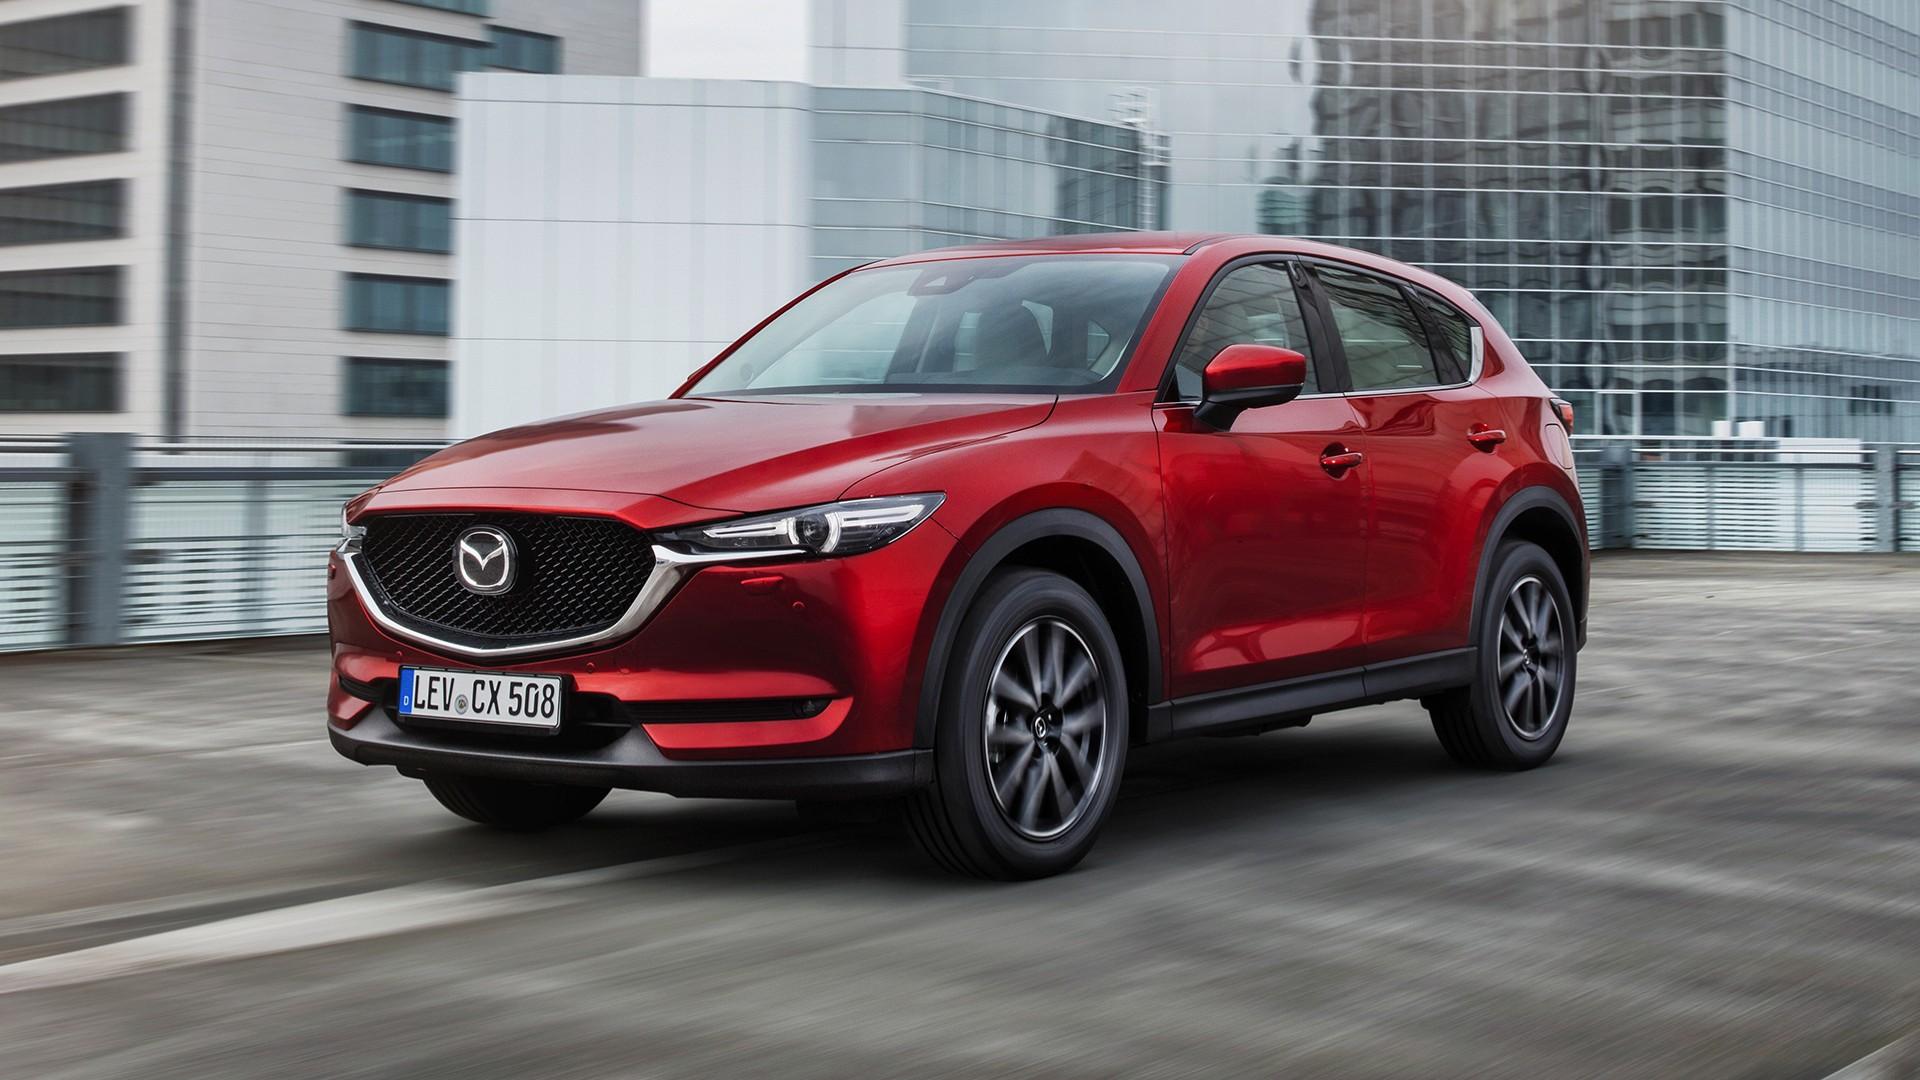 Πόσο κοστίζει το νέο Mazda CX-5;